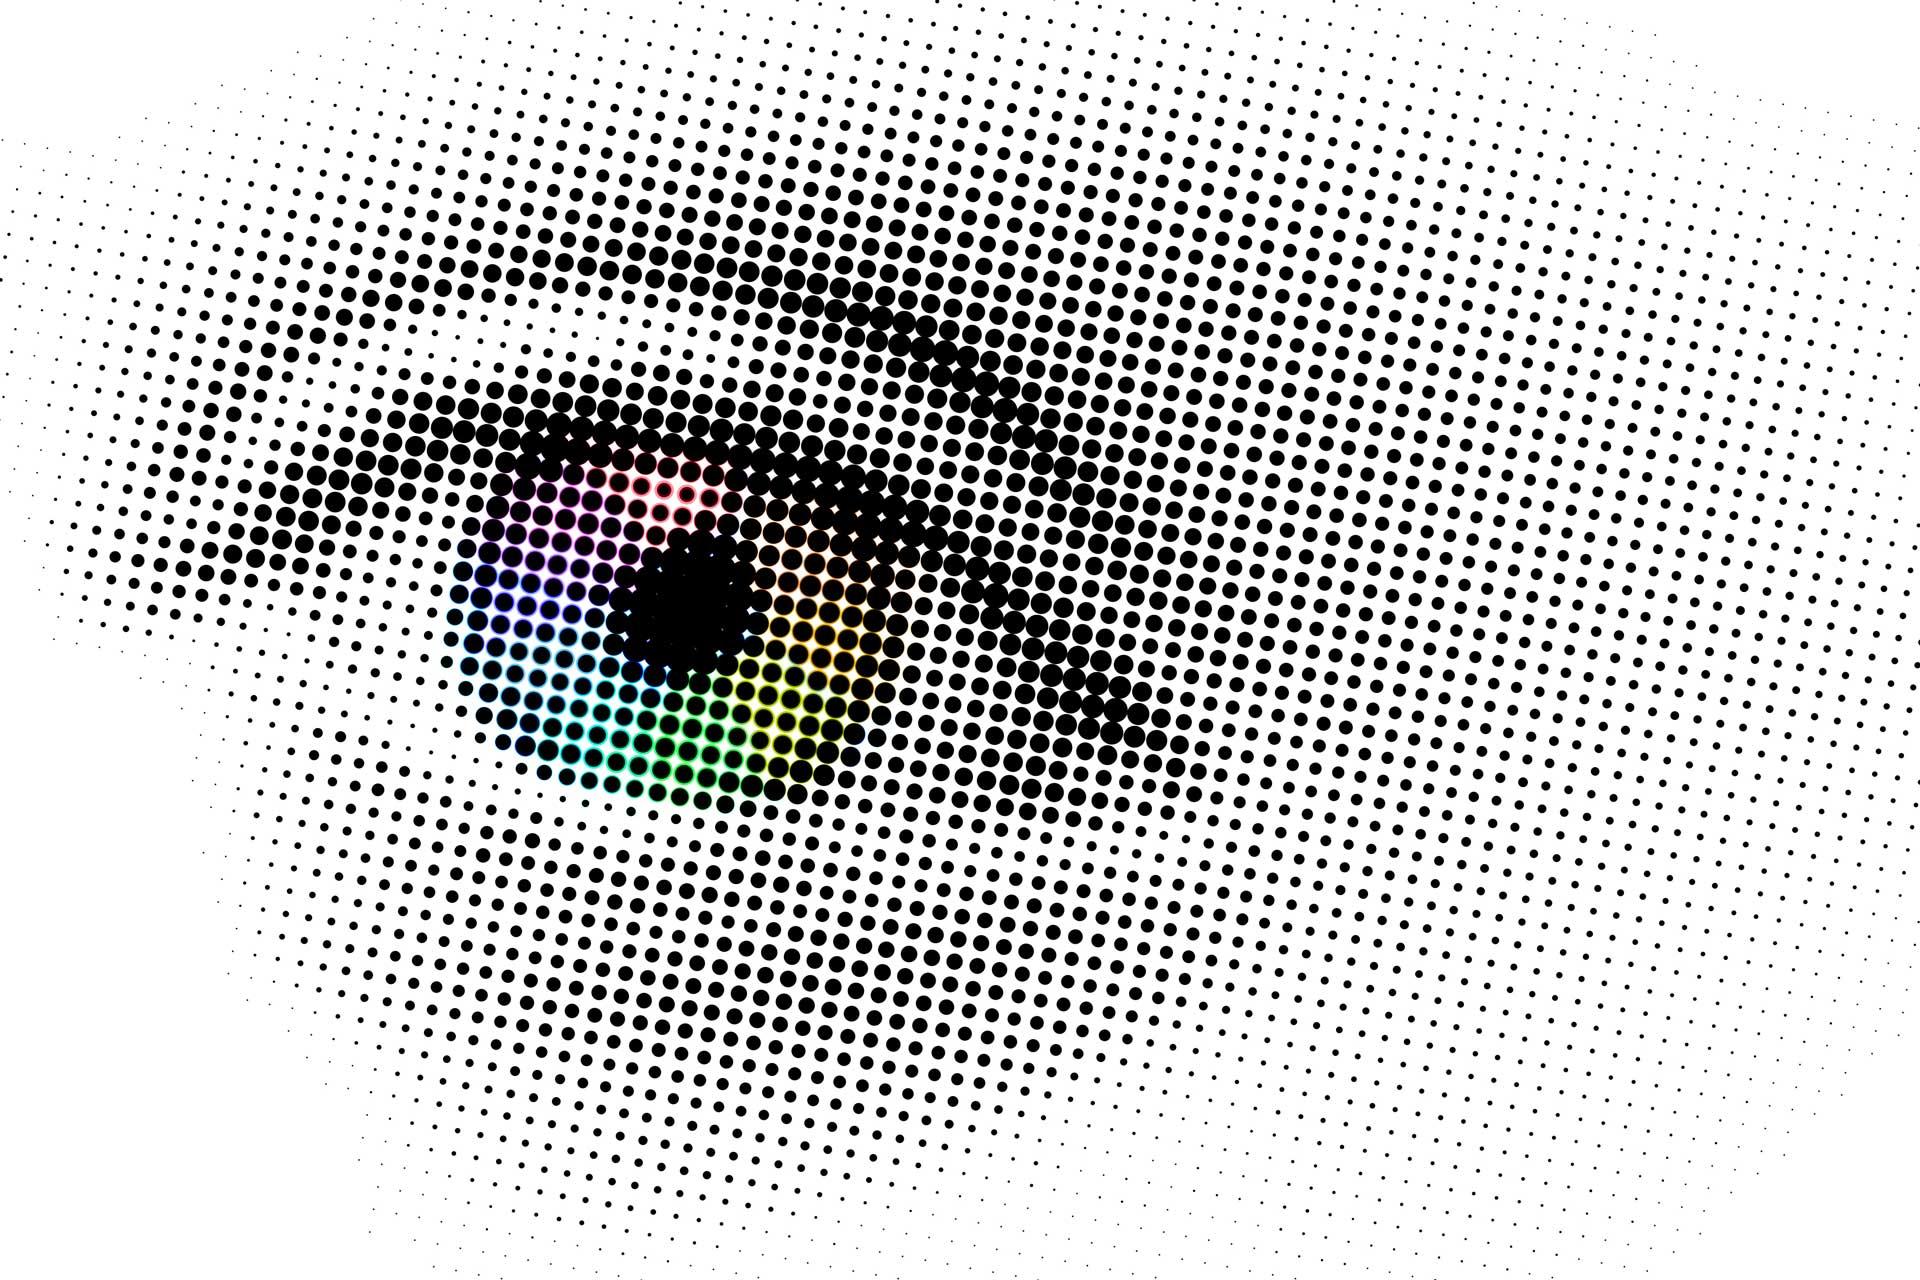 Druckprofi - Digidruck | wh-medien-digitaldruck | c pixabay